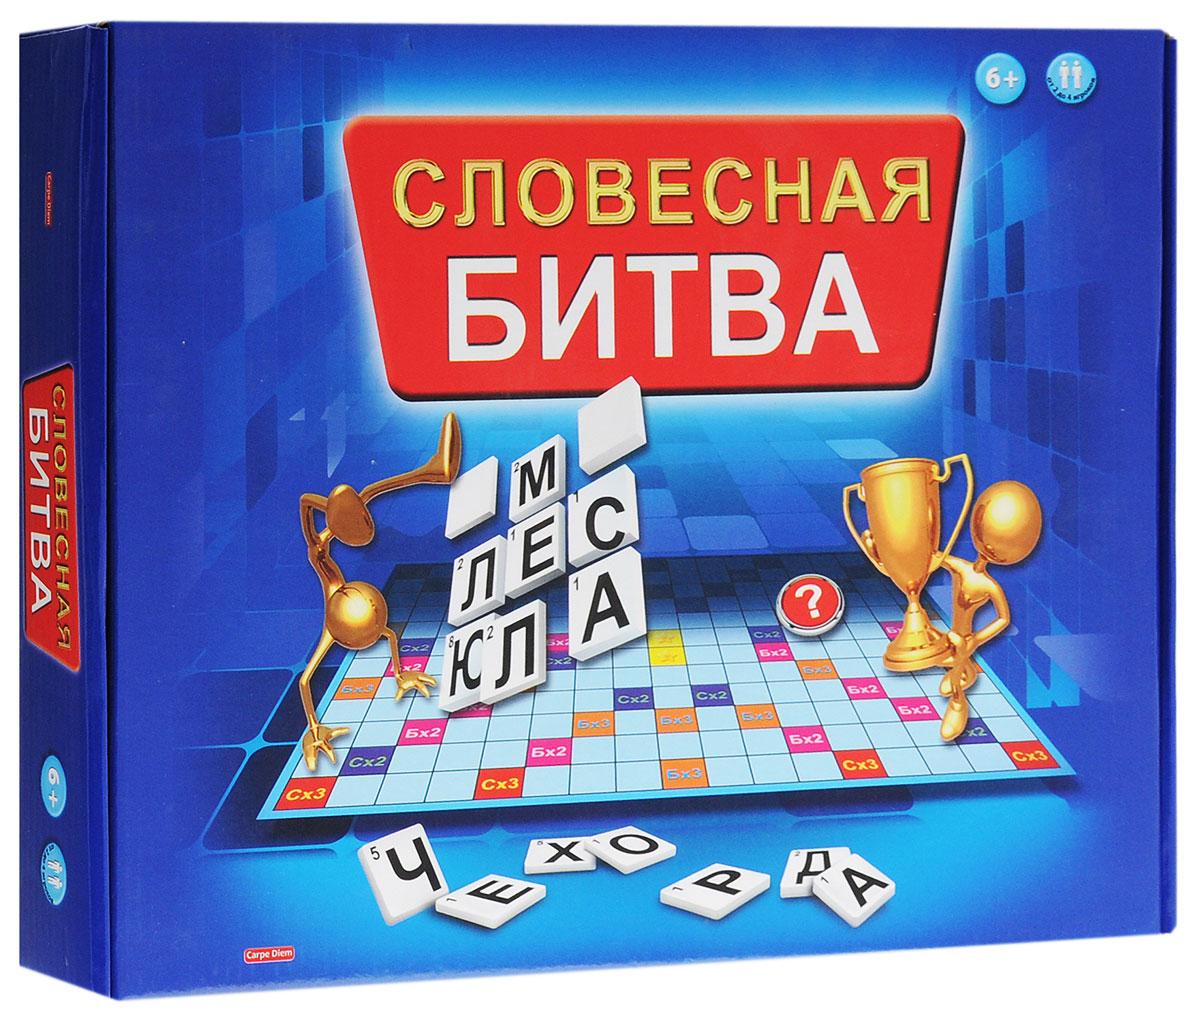 Carpe Diem Настольная игра Словесная битваИН-0055Настольная игра Carpe Diem Словесная битва - отличный способ приятно провести время, а заодно расширить свой словарный запас. Цель игроков - создание кроссворда из слов таким образом, чтобы набрать наибольшее количество очков. Игроки по очереди выкладывают игровые фишки с буквами на поле, составляя слова. Тот из них, кто набрал больше всего очков, побеждает в игре. В комплект входит игровое поле, 100 пластиковых фишек-букв, инструкция на русском языке.